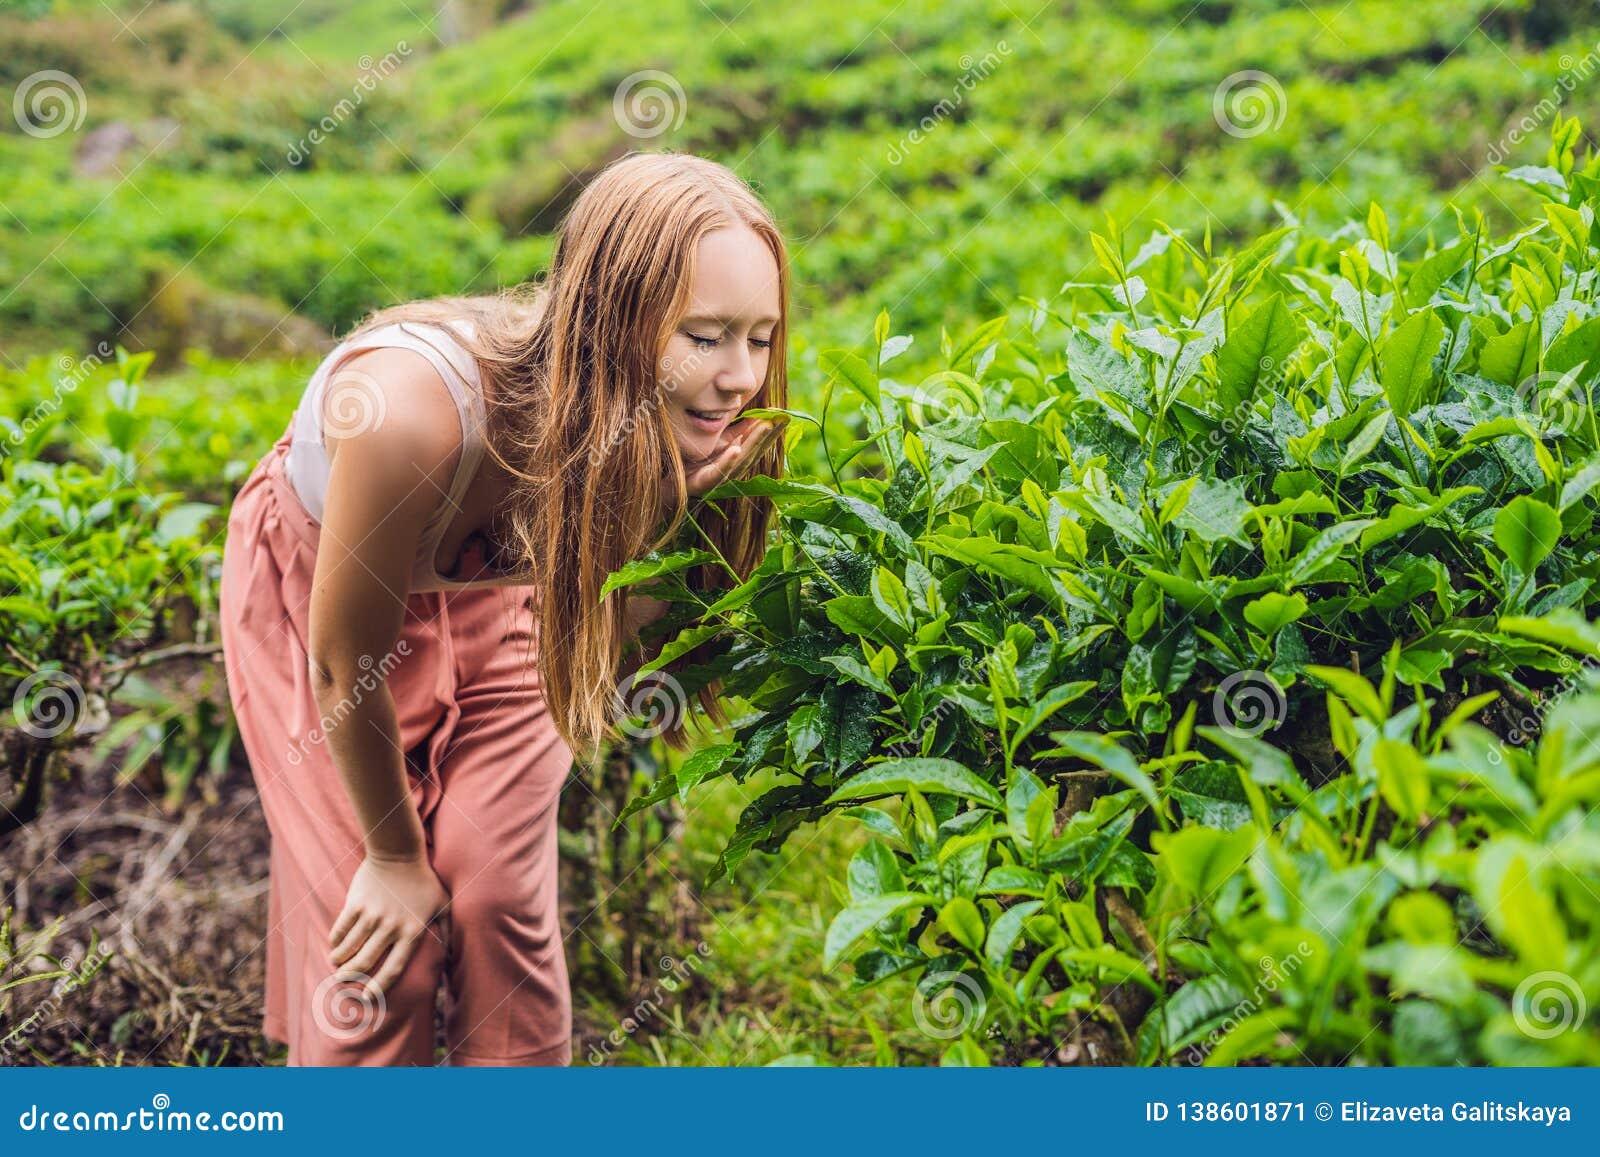 Kobiety turystyczne przy herbacianą plantacją Naturalni wybrani, Świezi herbaciani liście w herbacie, uprawiają ziemię w Cameron